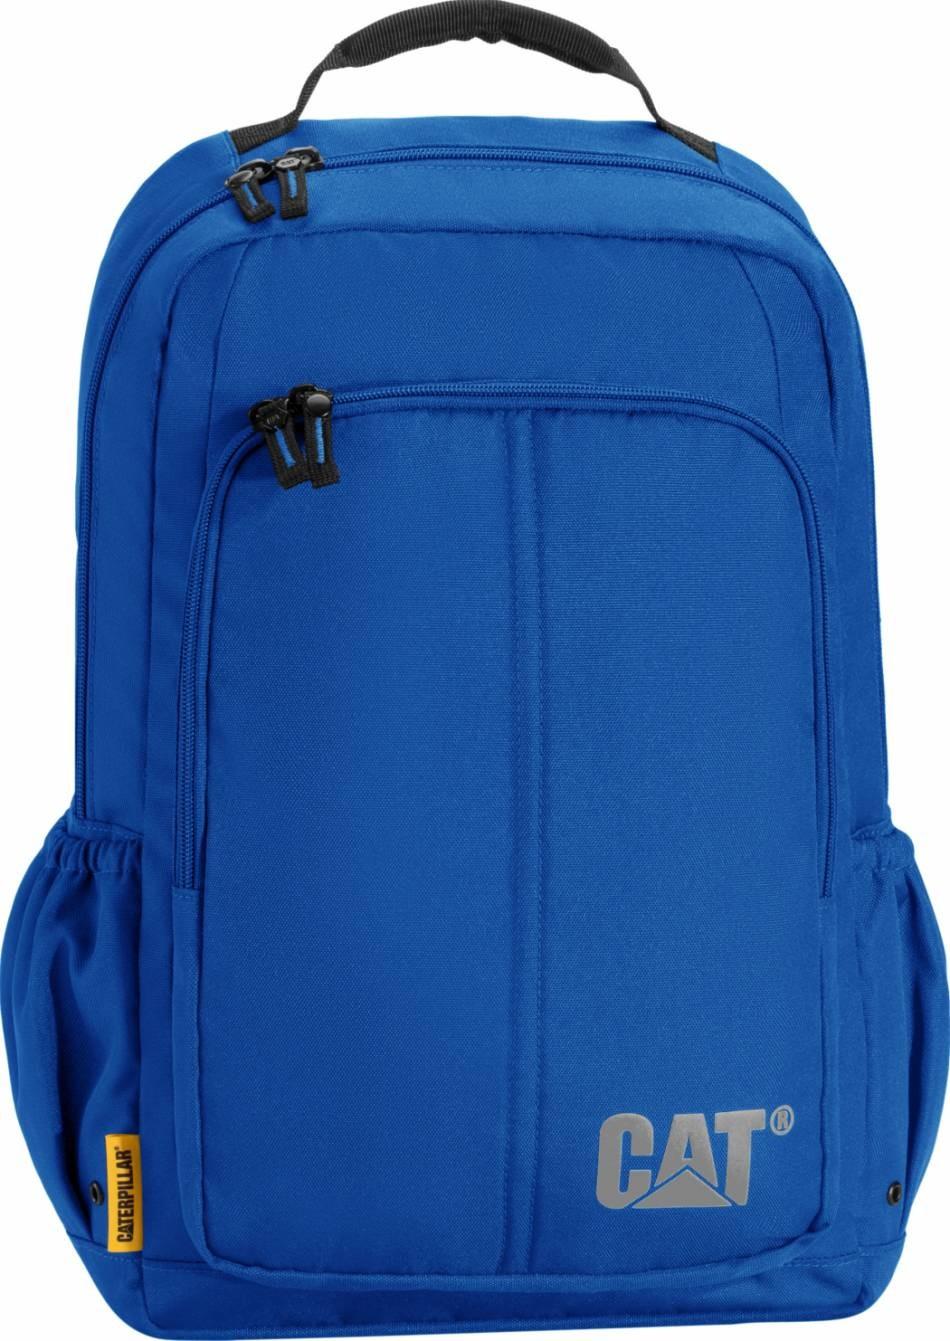 0ecaff32f642 CATerpillar Mochilas 83305 - купить рюкзак: цены, отзывы, характеристики >  стоимость в магазинах Украины: Киев, Днепропетровск, Львов, Одесса